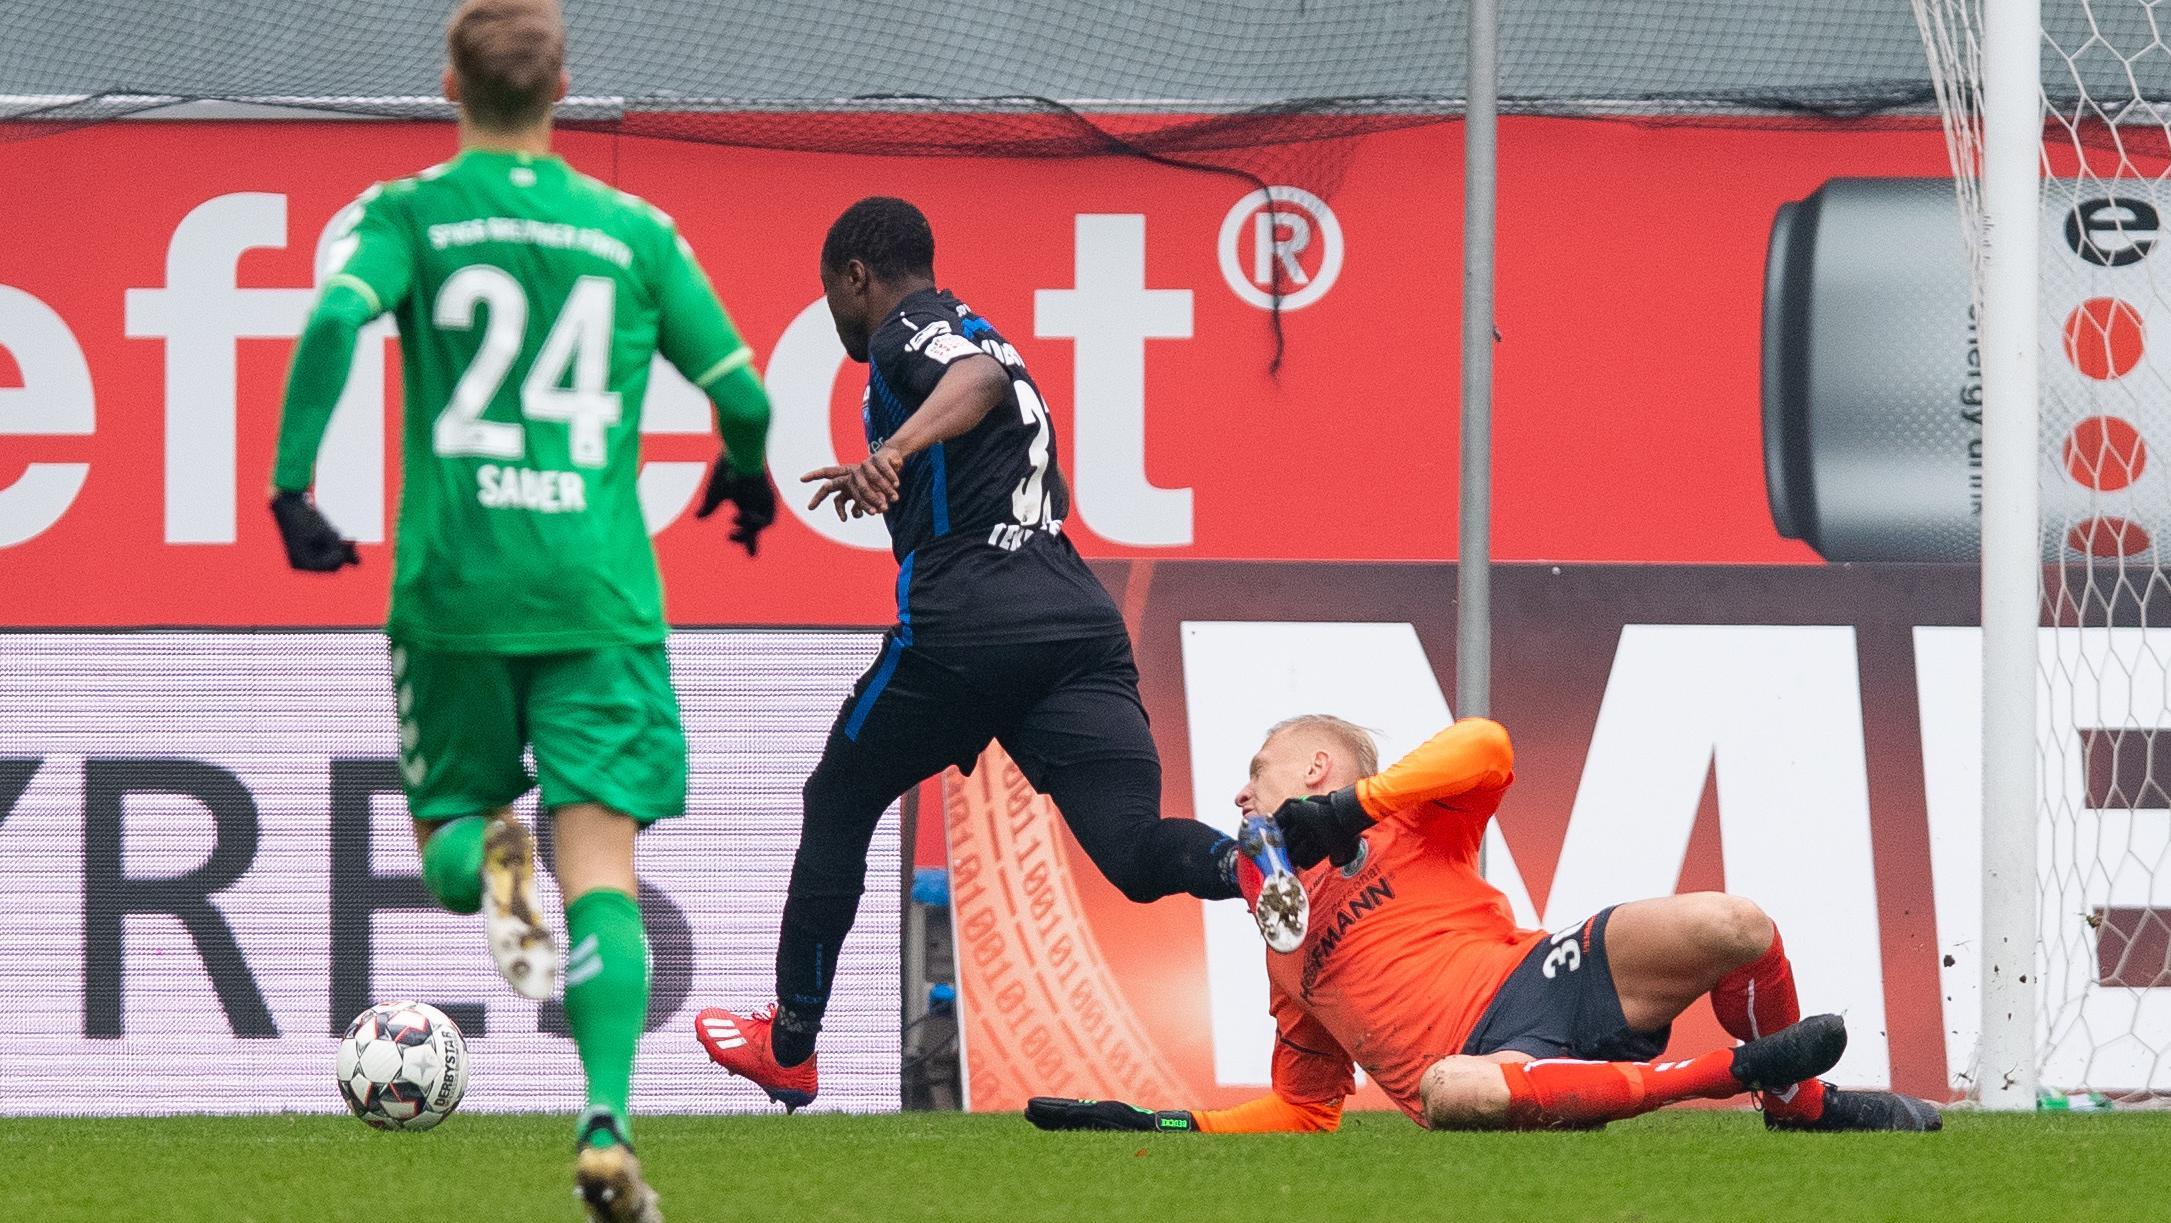 Spielszene SC Paderborn - SpVgg Greuther Fürth